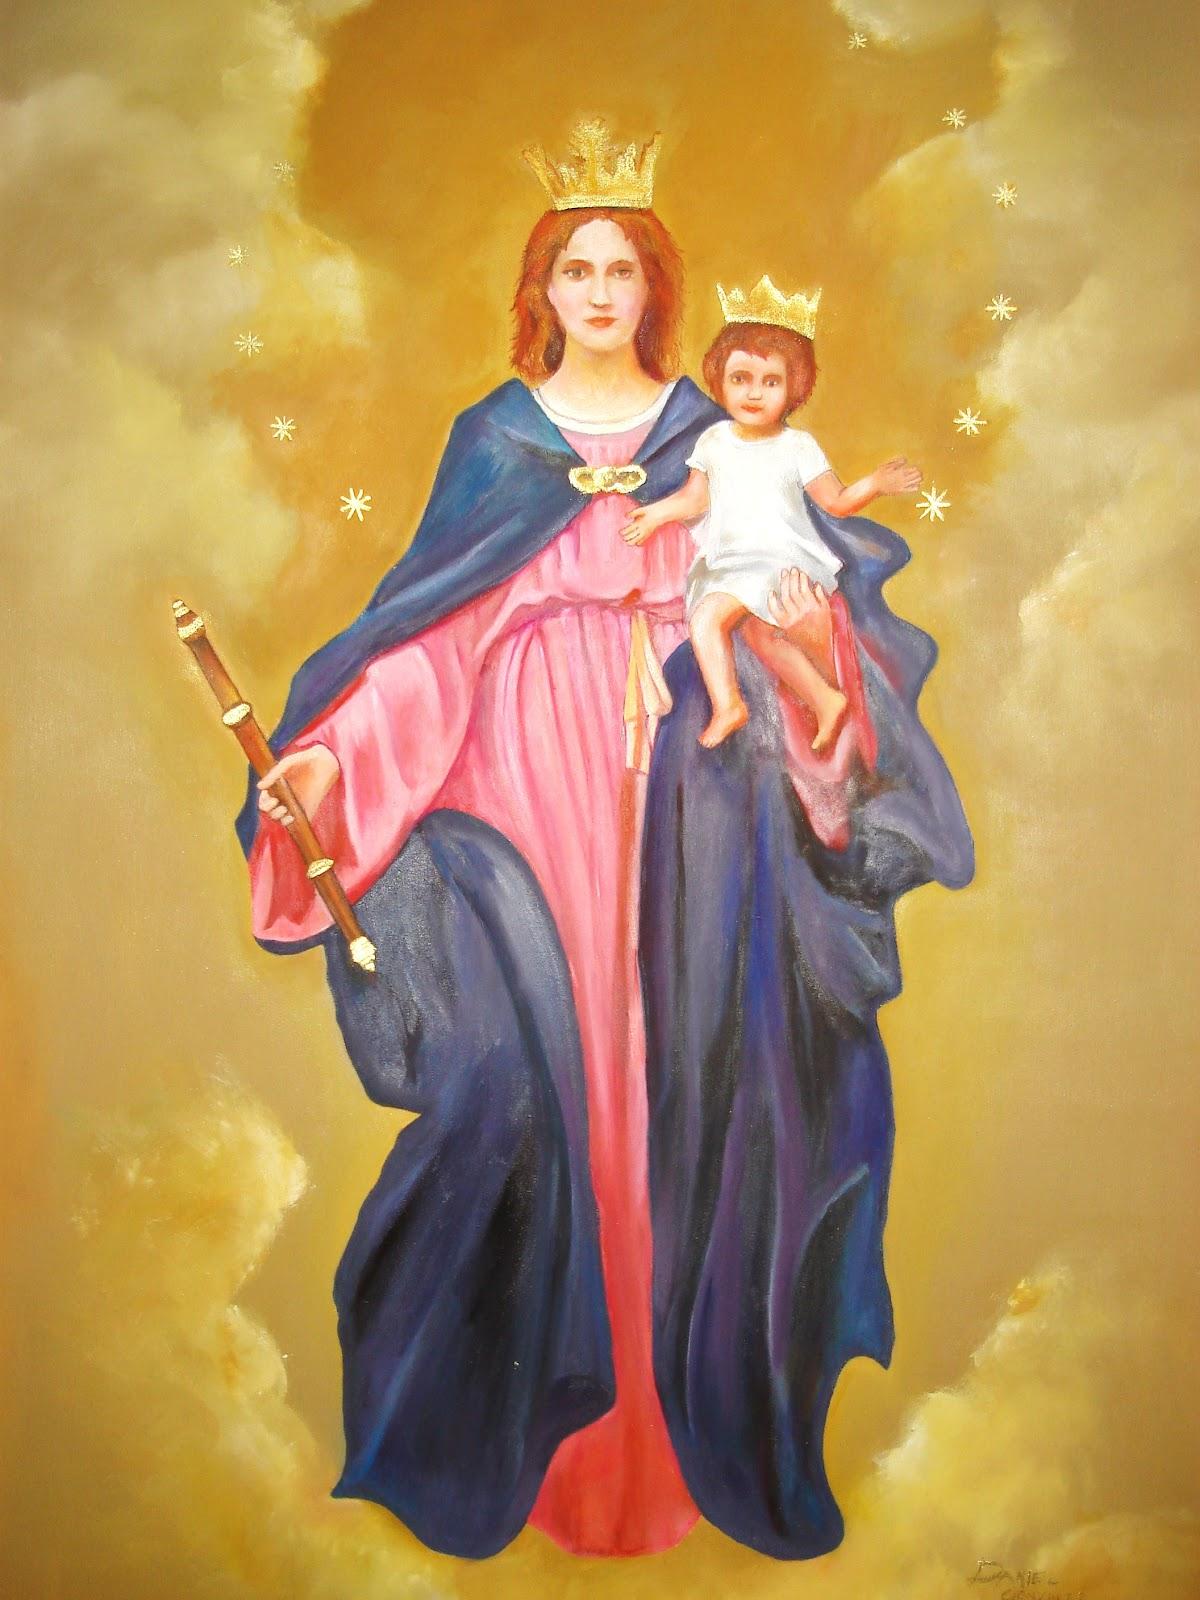 Imagenes De Virgen Maria Auxiliadora | Holidays OO